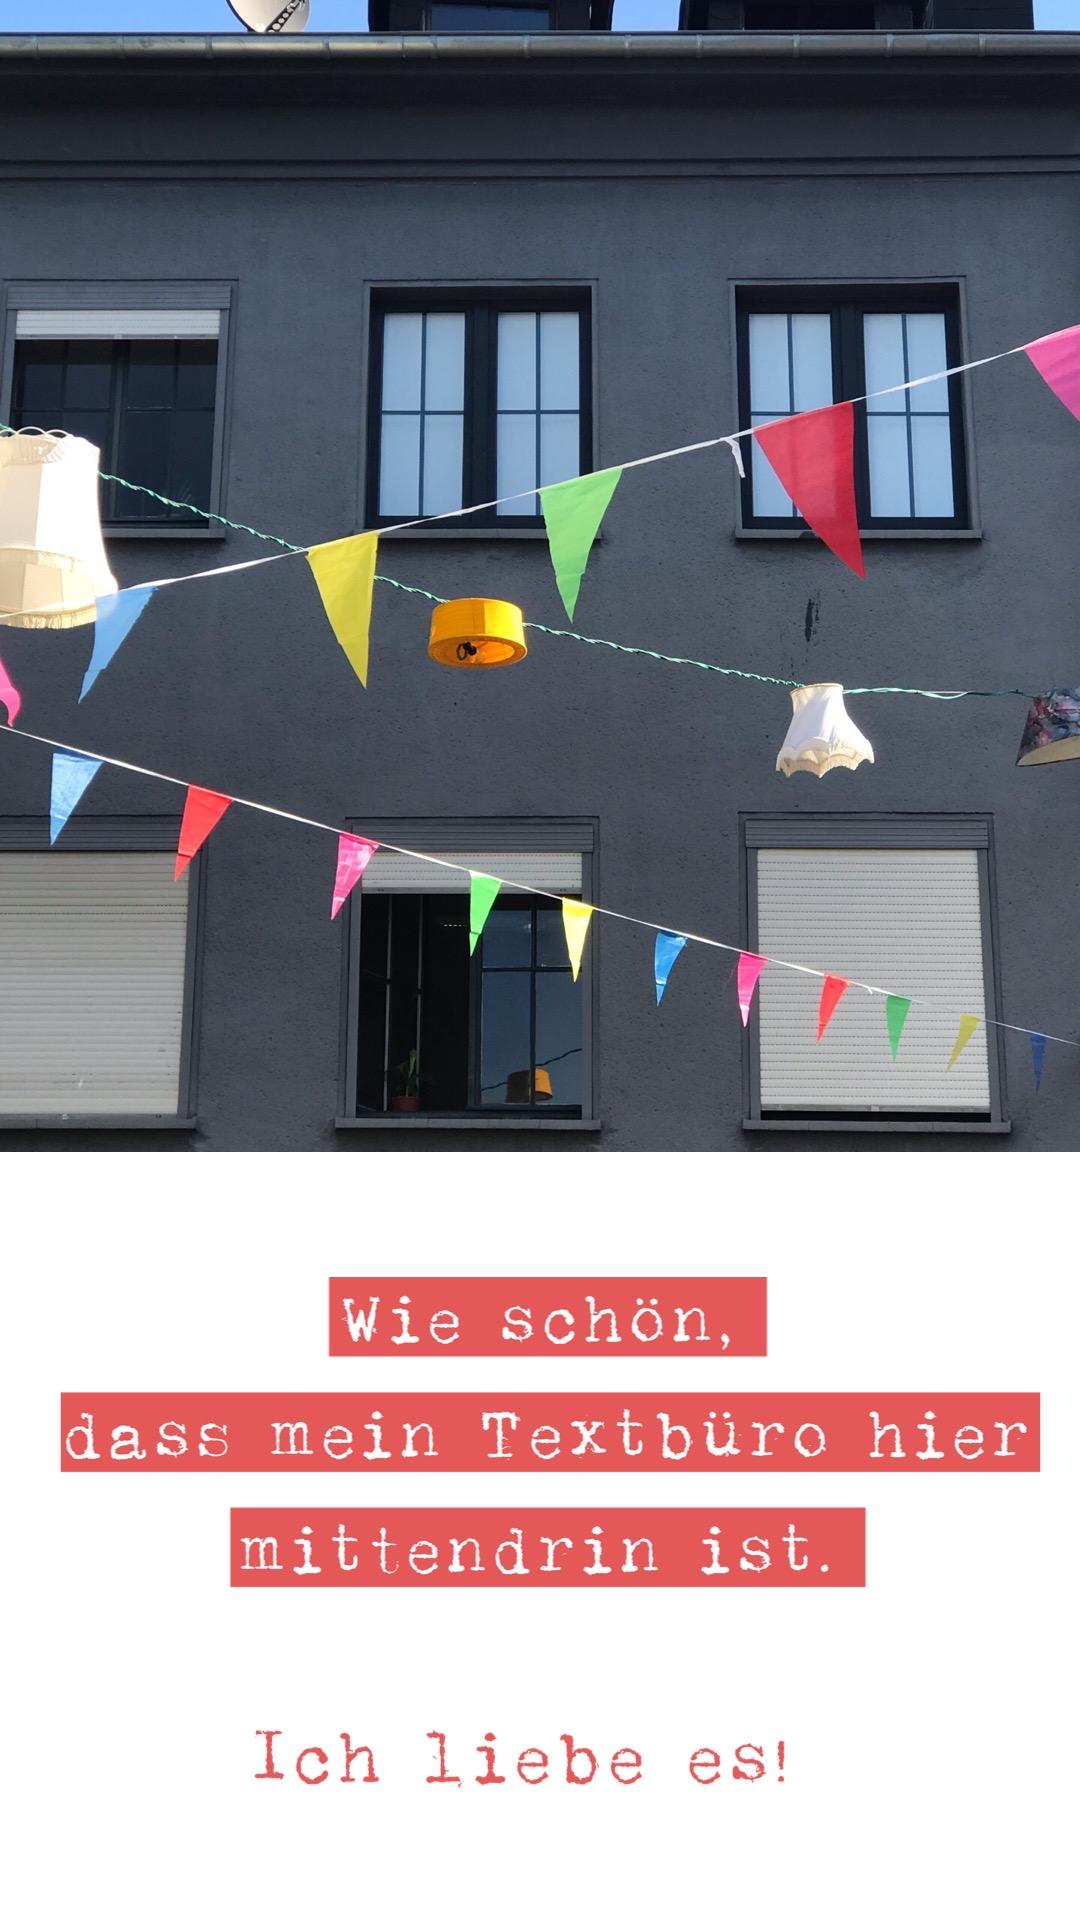 Blogparade #sonntagsglück: Somemrfest auf'm Altstadtkiez in Mönchengladbach